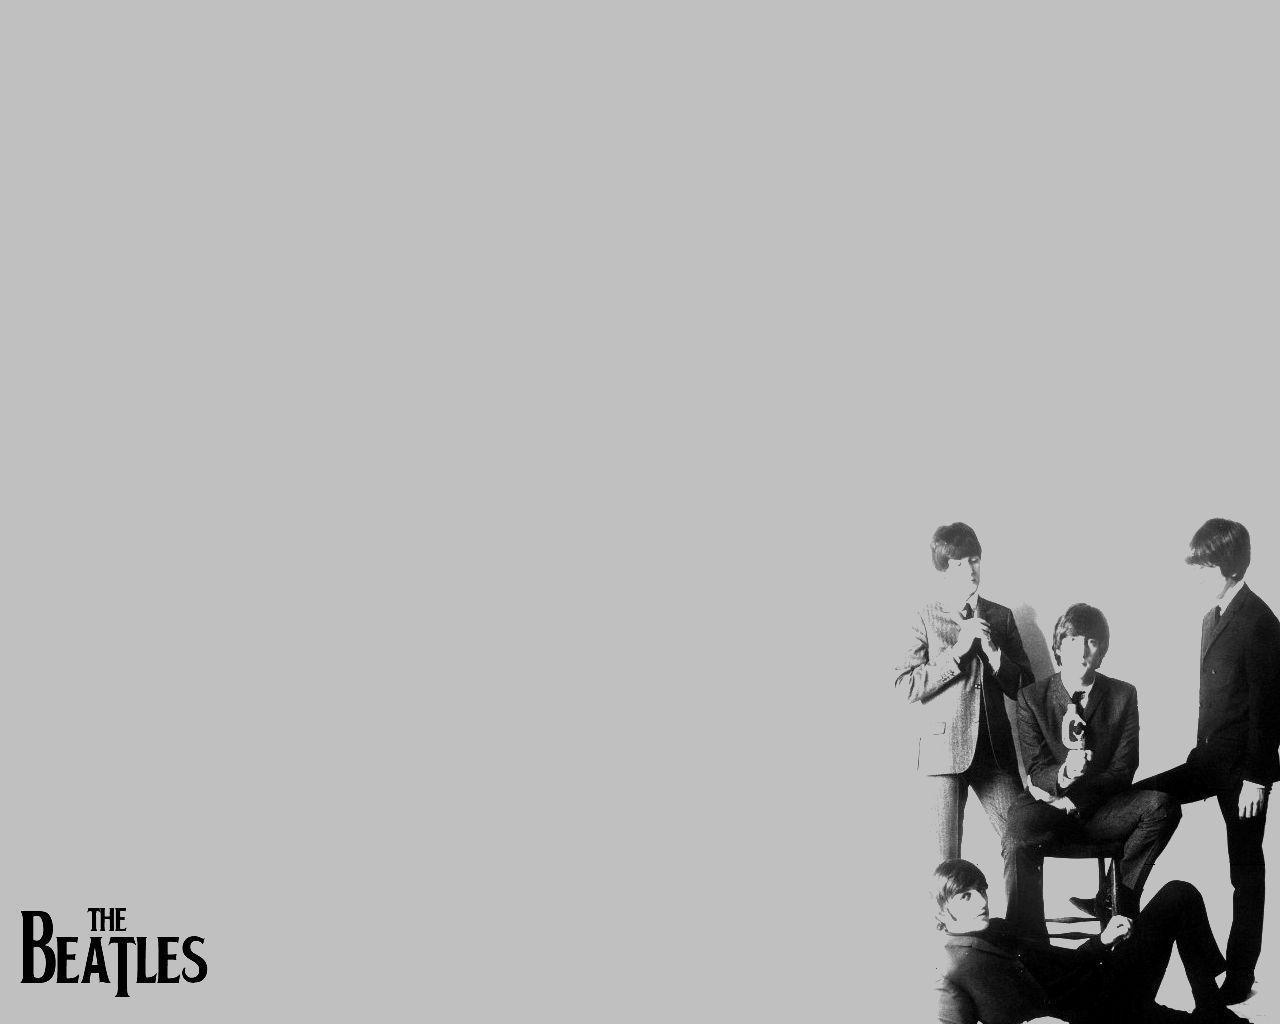 Fantastic Wallpaper Mac The Beatles - a82b4ab8d41082a977f7af007b83886c  You Should Have_452125.jpg